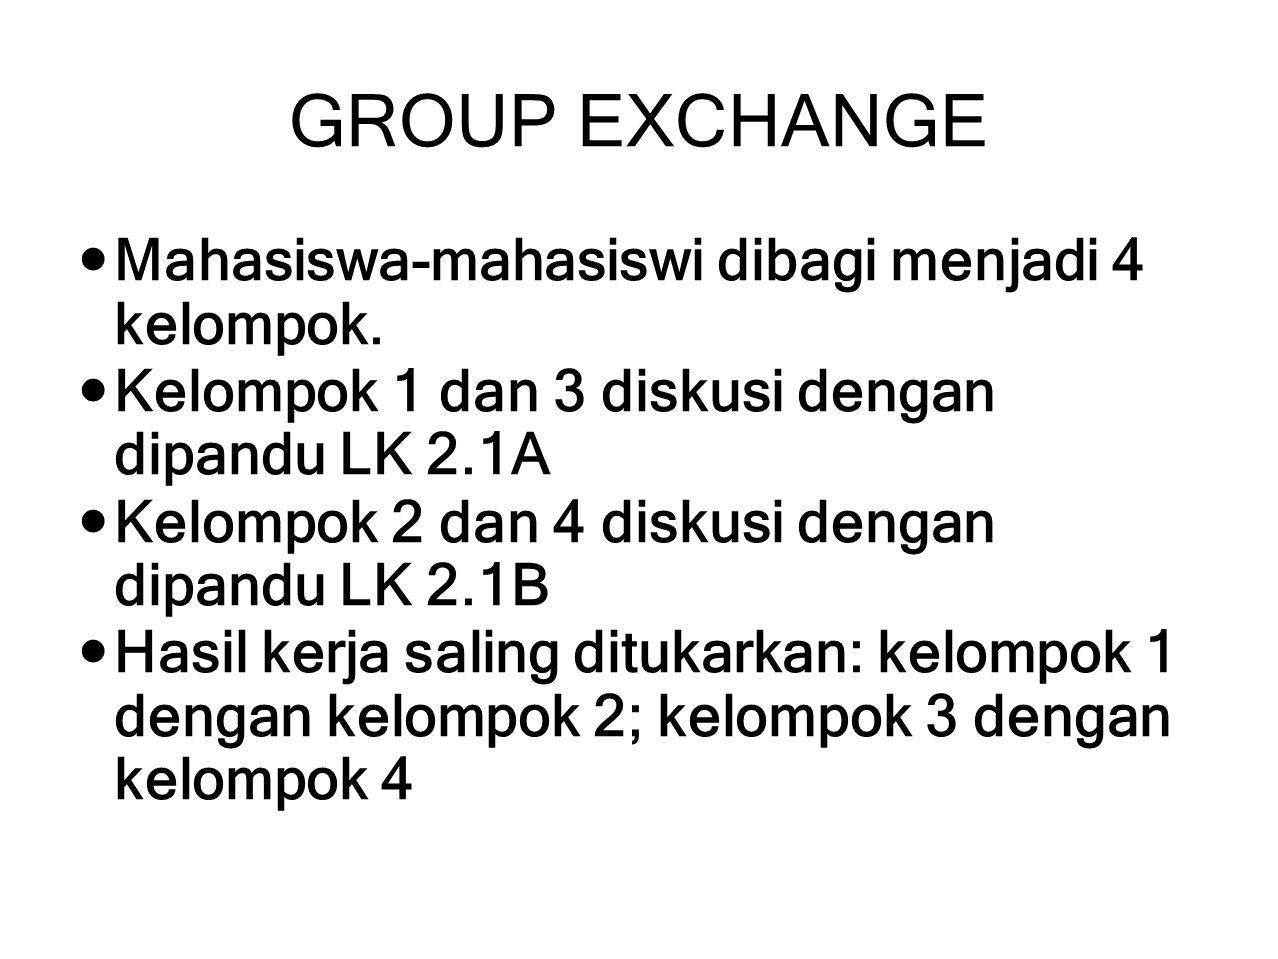 GROUP EXCHANGE Mahasiswa-mahasiswi dibagi menjadi 4 kelompok. Kelompok 1 dan 3 diskusi dengan dipandu LK 2.1A Kelompok 2 dan 4 diskusi dengan dipandu